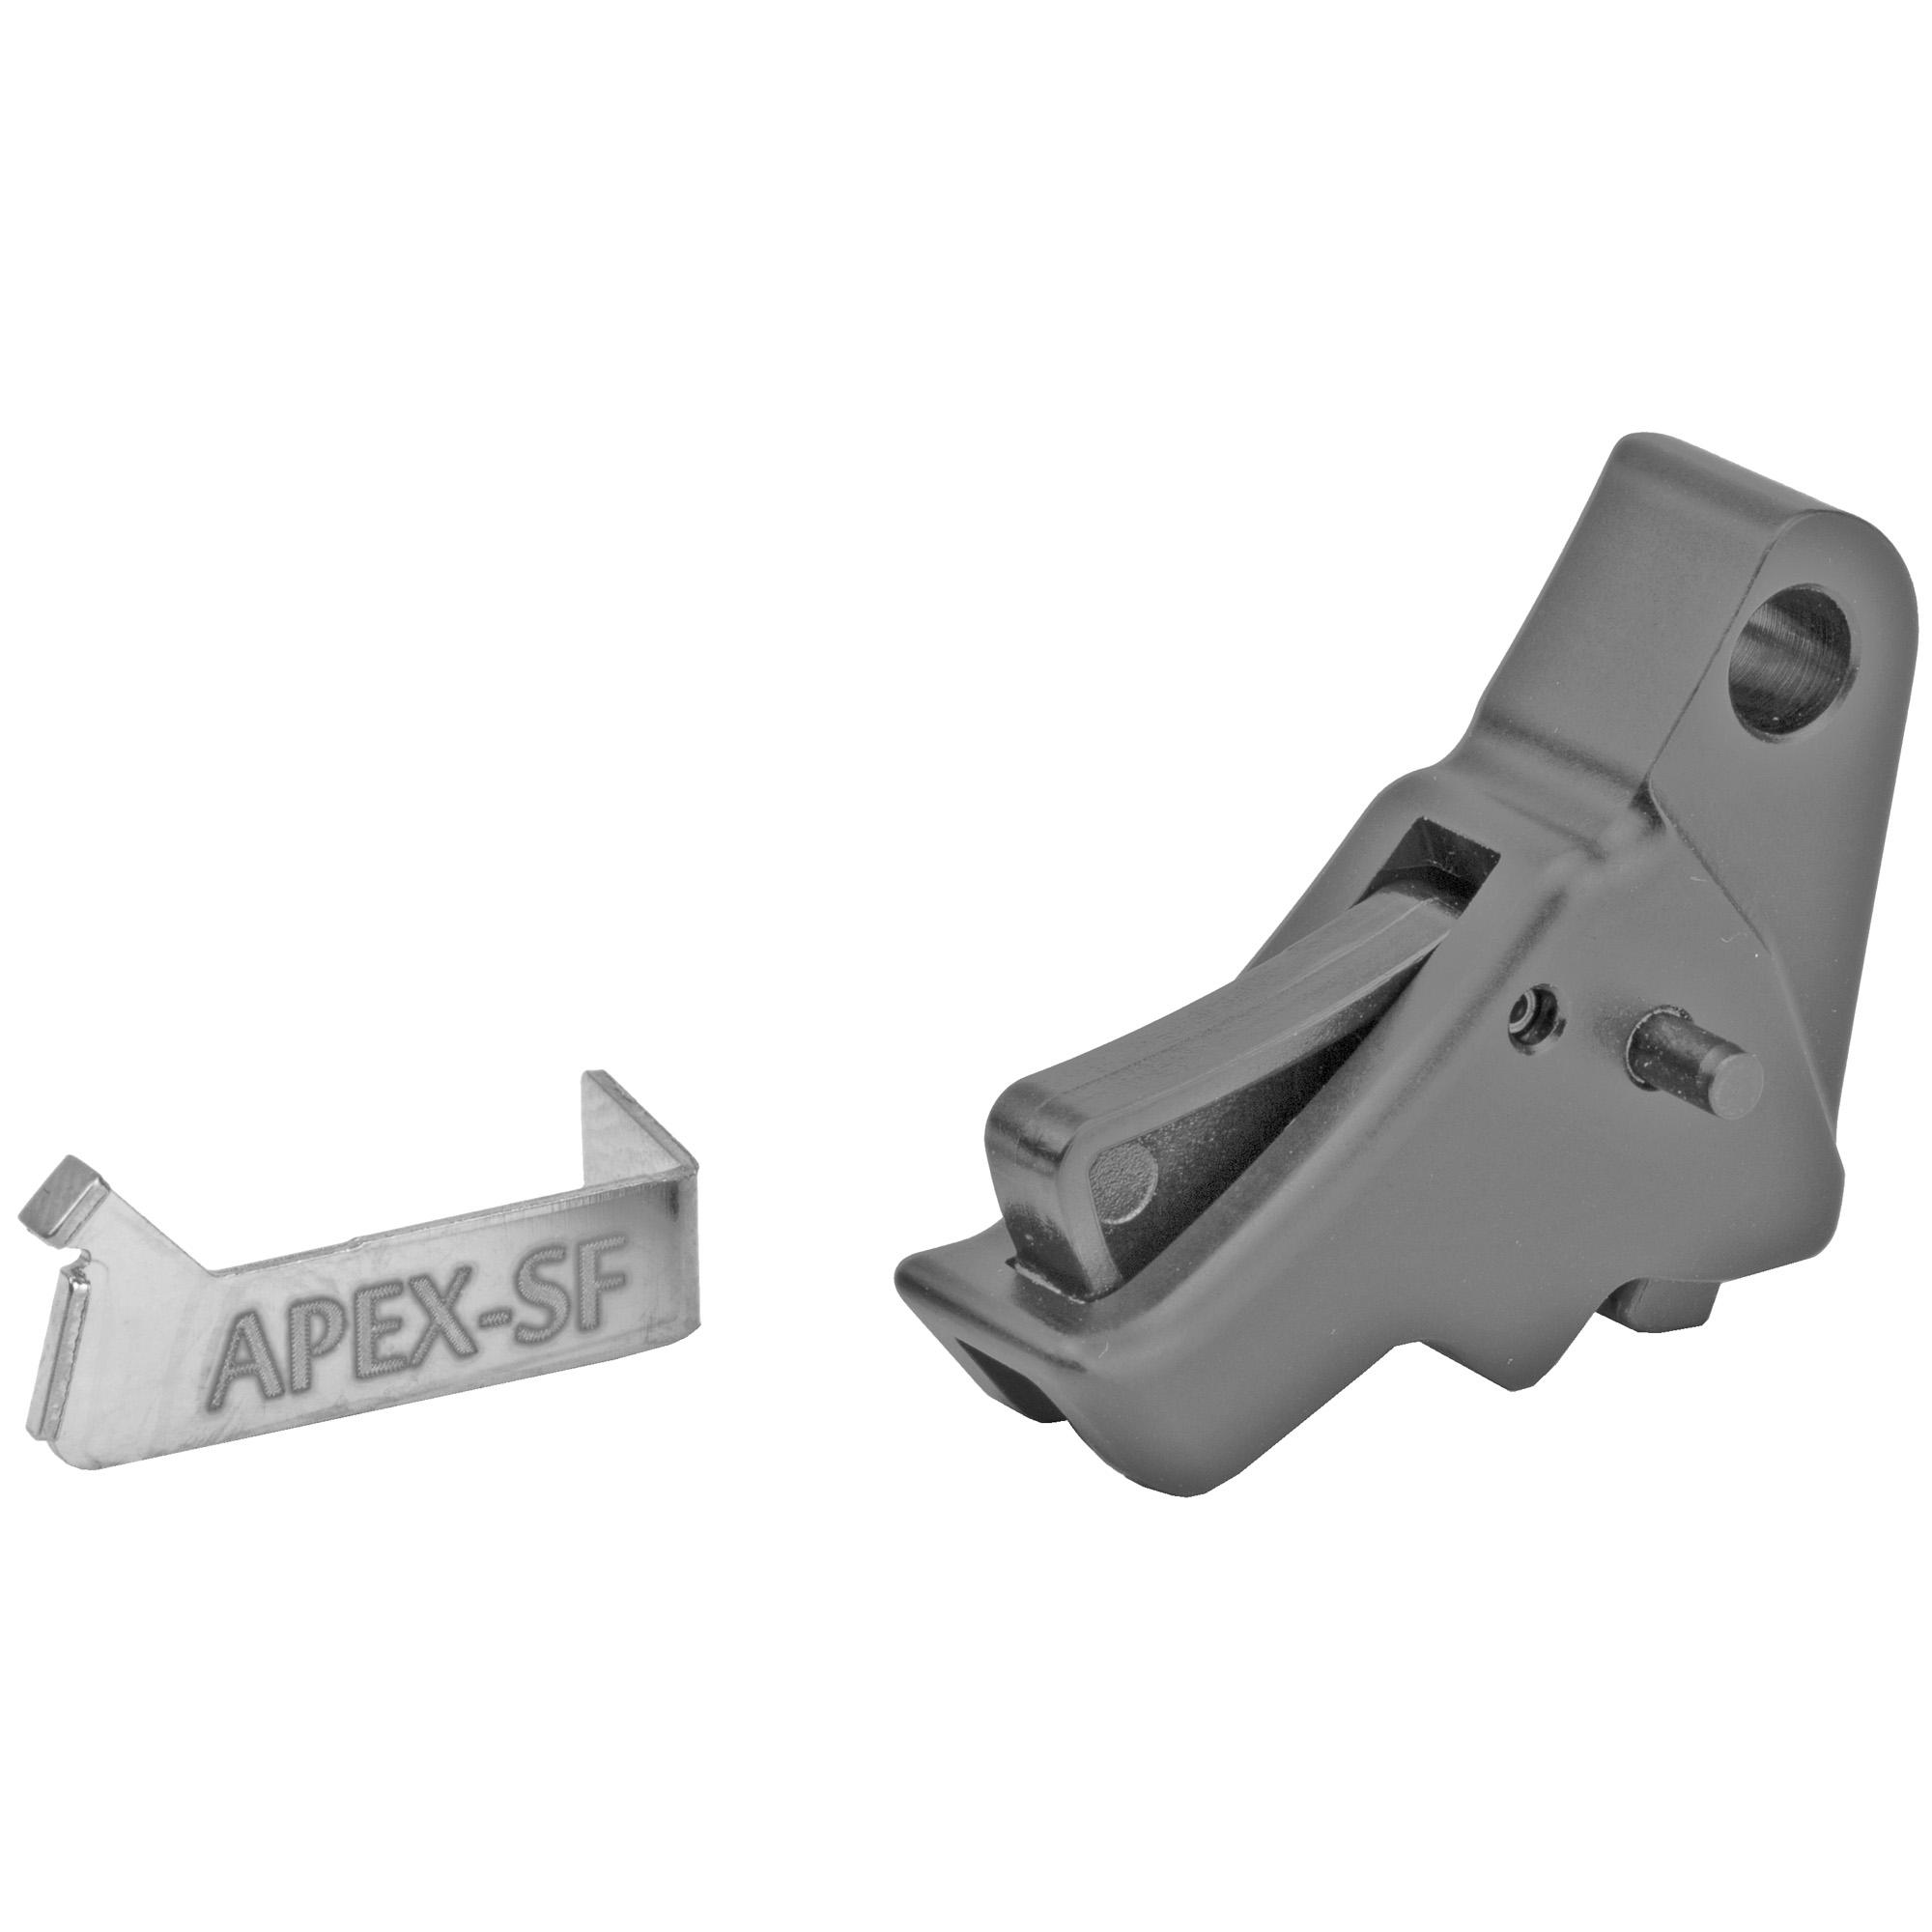 Apex Aek Kit For Glock Slim Nobar Bk